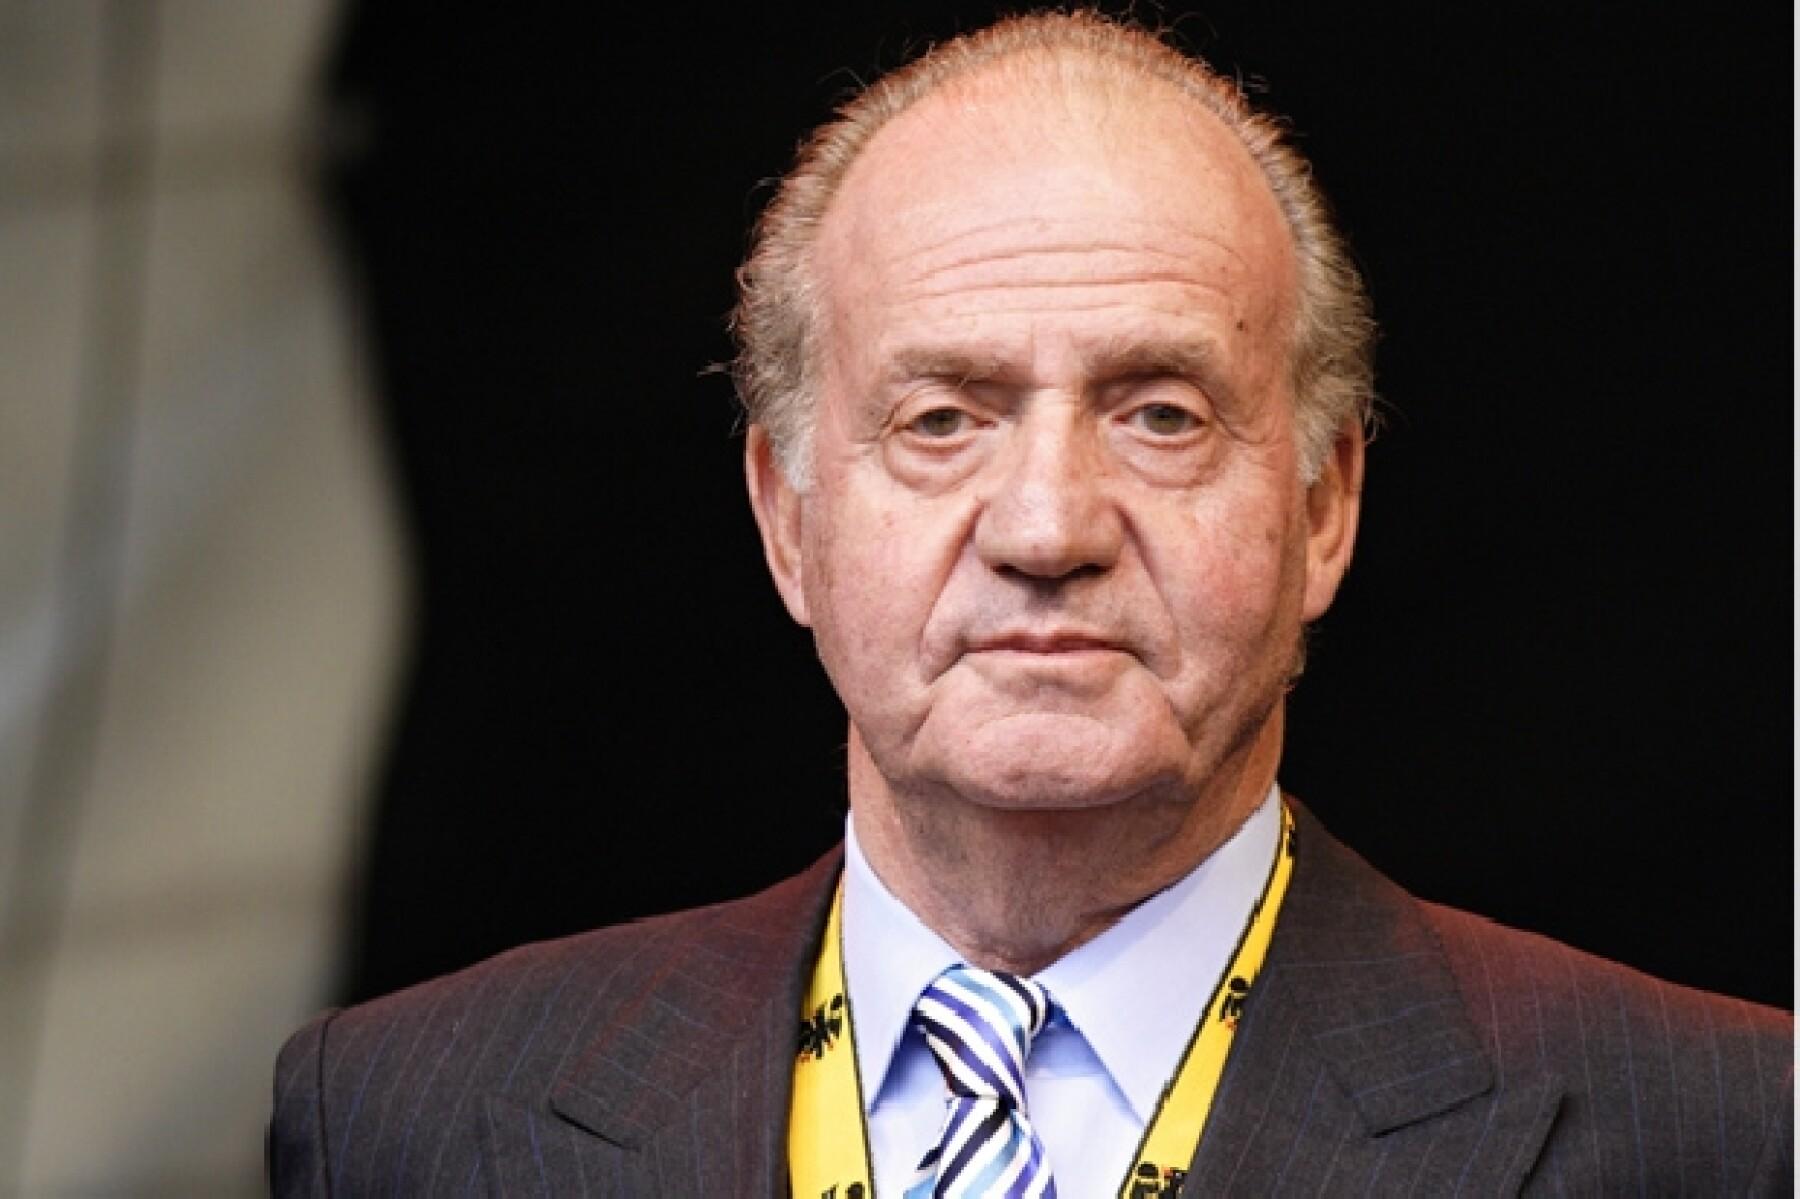 El rey de España comunicó su decisión de abdicar en favor de su hijo Felipe, príncipe de Asturias.